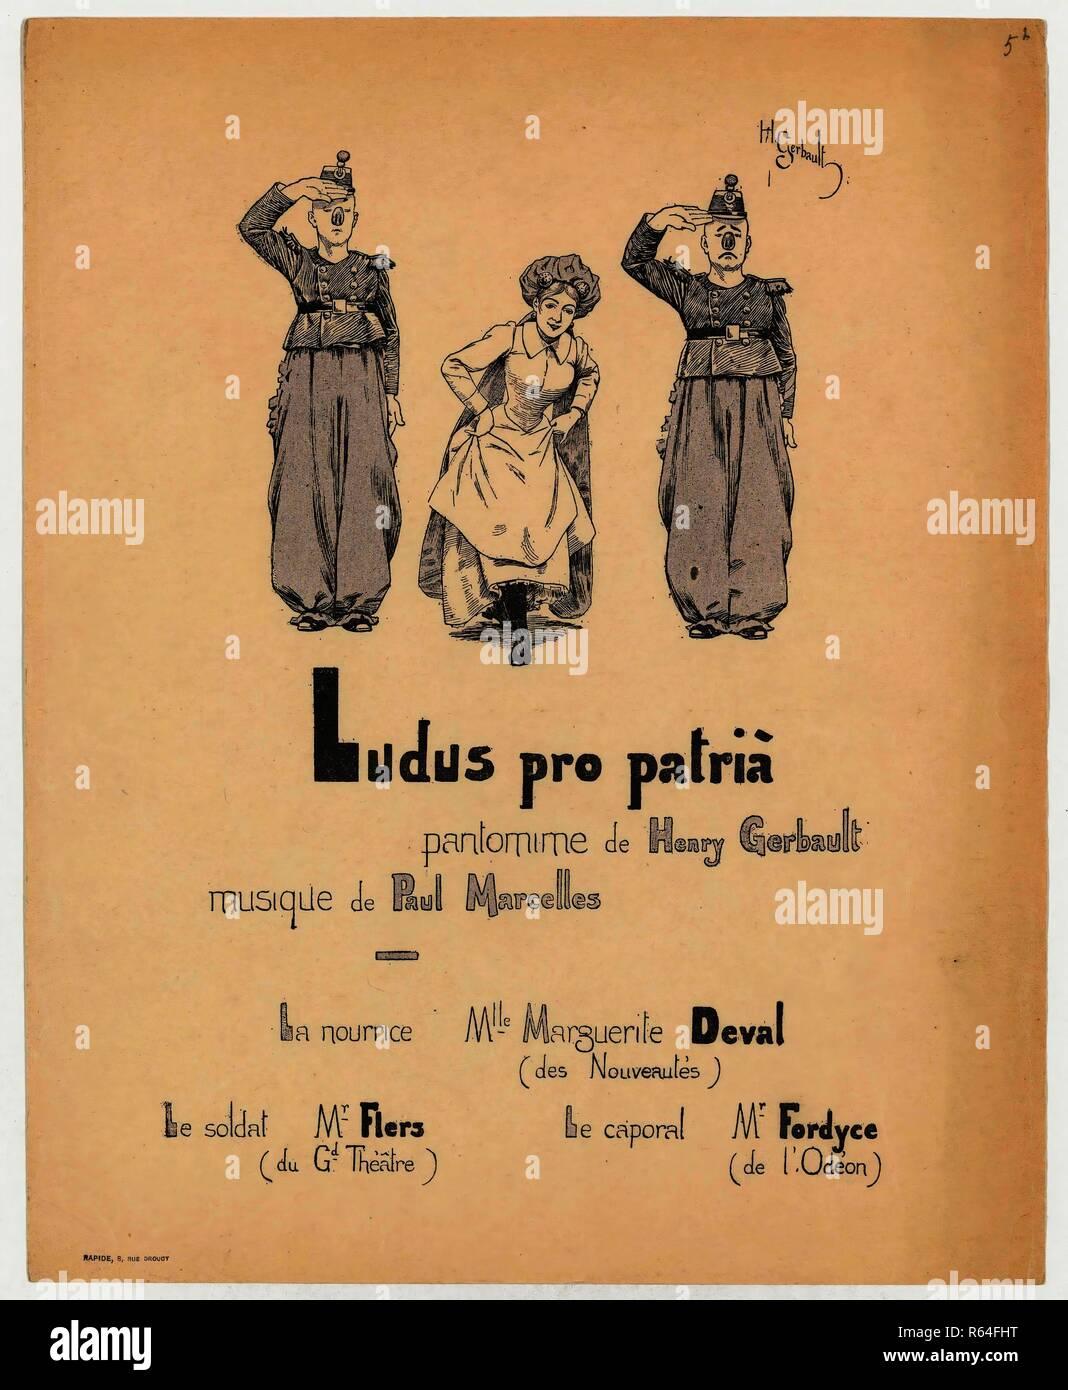 Theatre programme for Ludus pro patria by Henry Gerbault (Théâtre La Bodinière, 15 December 1892). Dimensions: 28.2 cm x 22.6 cm, 24 cm x 16 cm. Museum: Van Gogh Museum, Amsterdam. - Stock Image